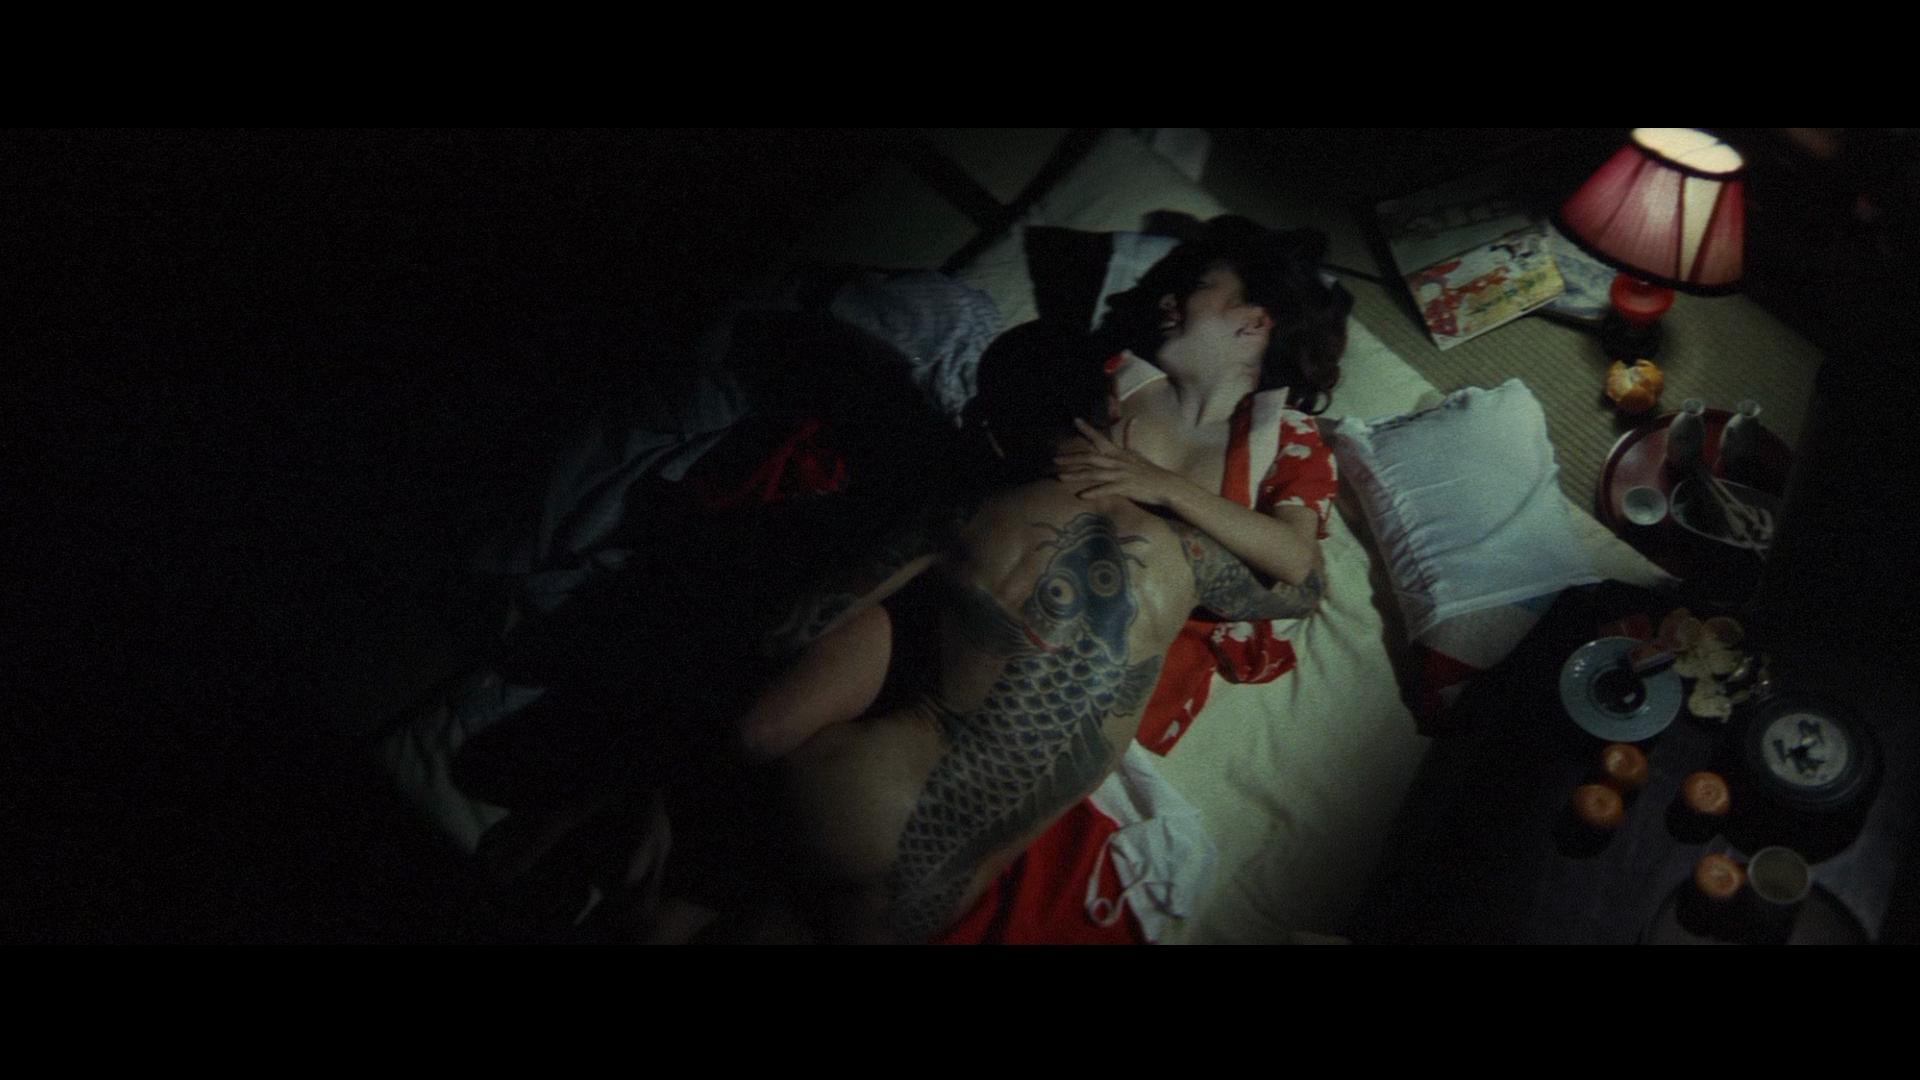 吉泽明步极道之妻种子_80 年代,黑帮片基本消失,仅在 1986年以女性视角的《极道之妻》系列